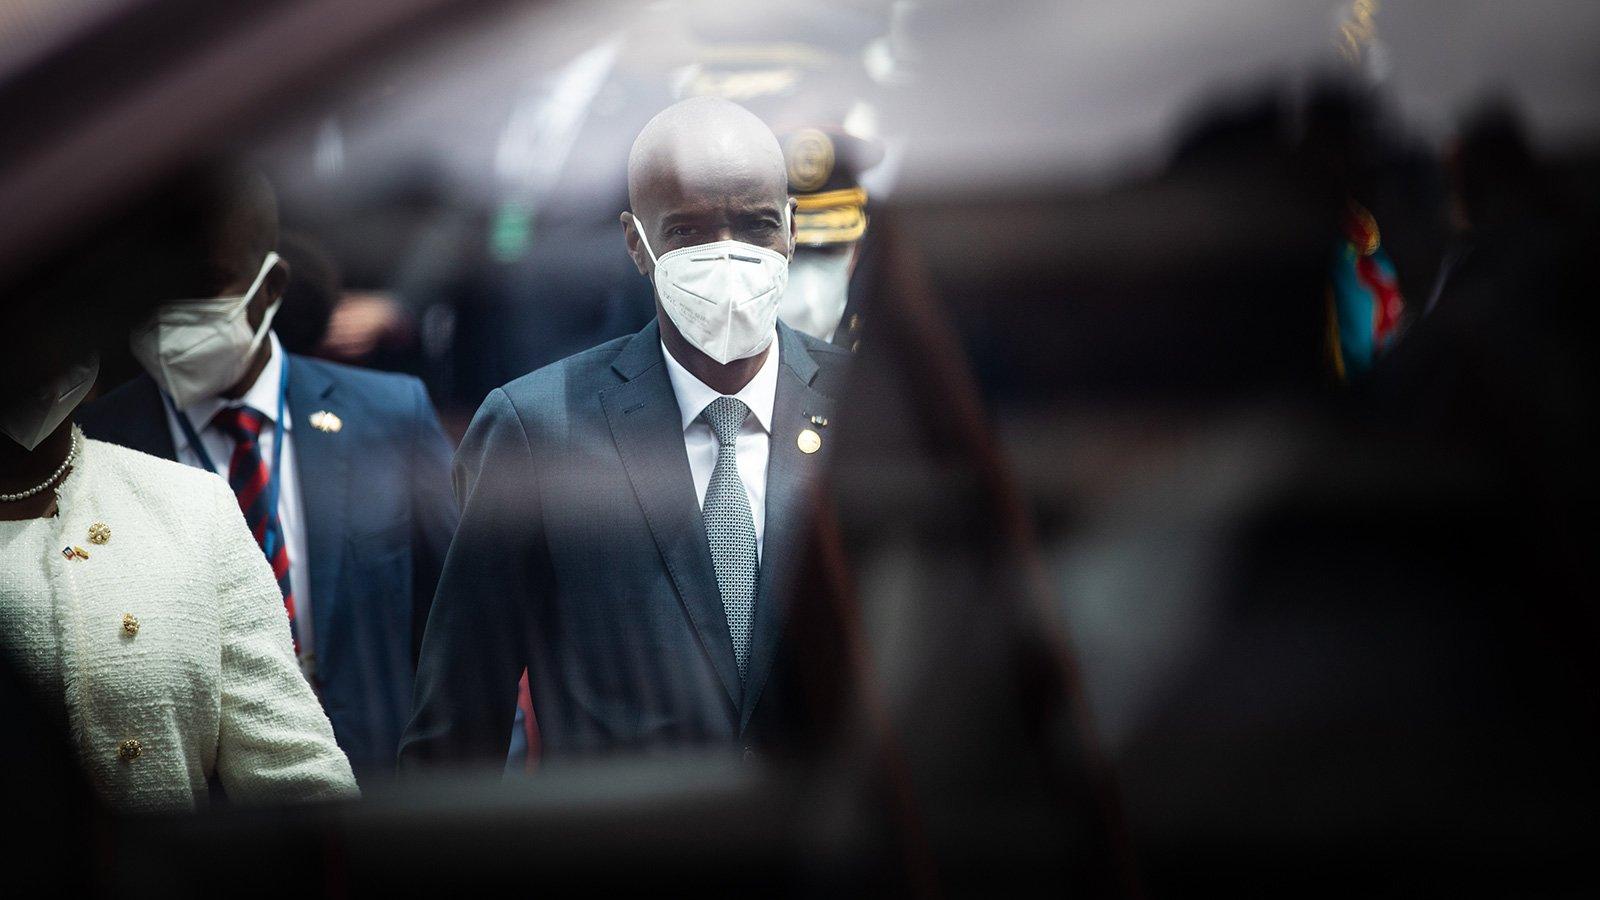 2021年5月24日(周一),厄瓜多爾新任總統吉列爾莫·拉索(Guillermo Lasso)在厄瓜多爾基多(Quito)的國民議會上舉行就職儀式。前來參加儀式的海地總統約韋內爾·莫伊茲(Jovenel Moise,中)在之後離去。海地臨時總理2021年7月7日宣佈,總統莫伊茲當天凌晨在其家中遇刺身亡,第一夫人也受傷。(Johis Alarcon/Bloomberg via Getty Images)